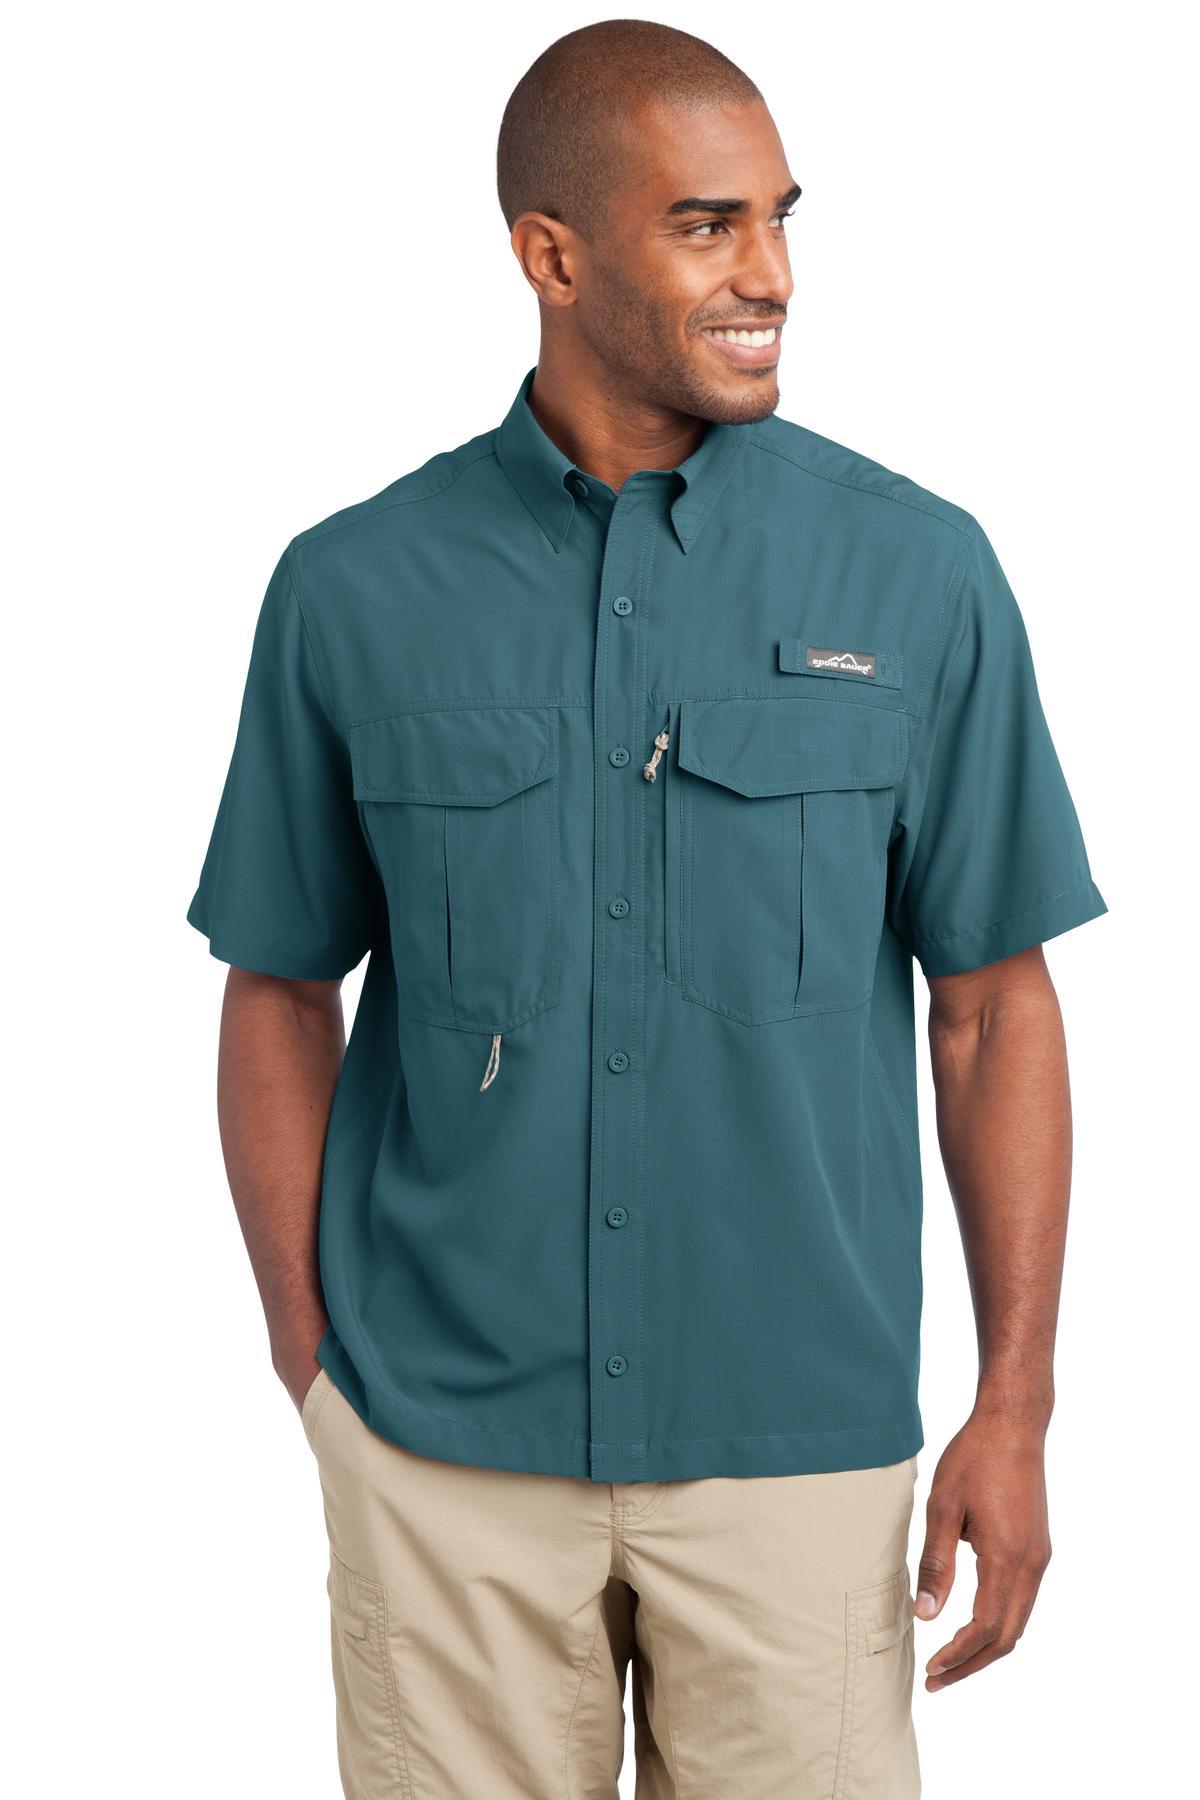 Woven-Shirts-Fishing-2